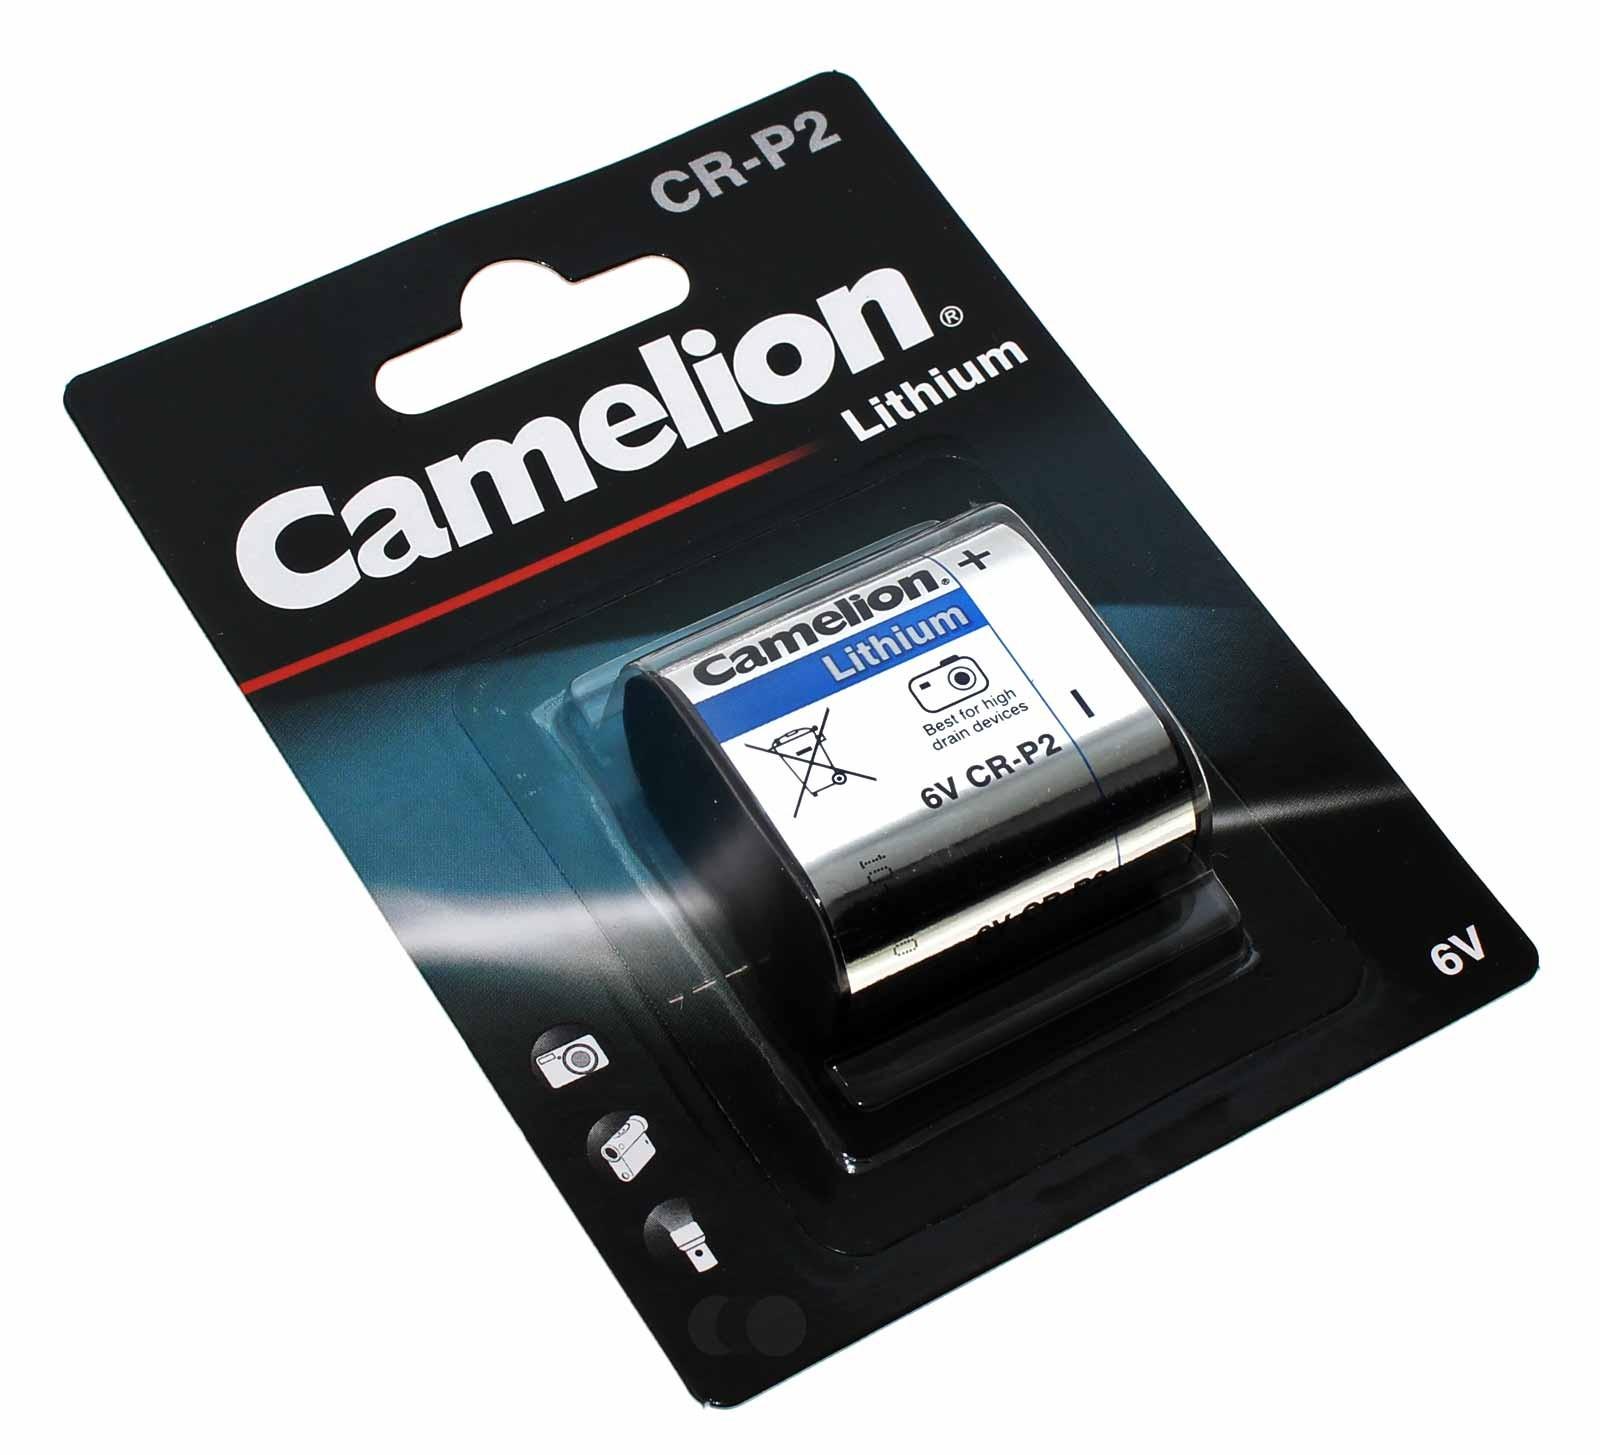 6V Camelion CR-P2 Lithium Foto Batterie, 1400mAh, wie 5024LC, CR223A, DL223A